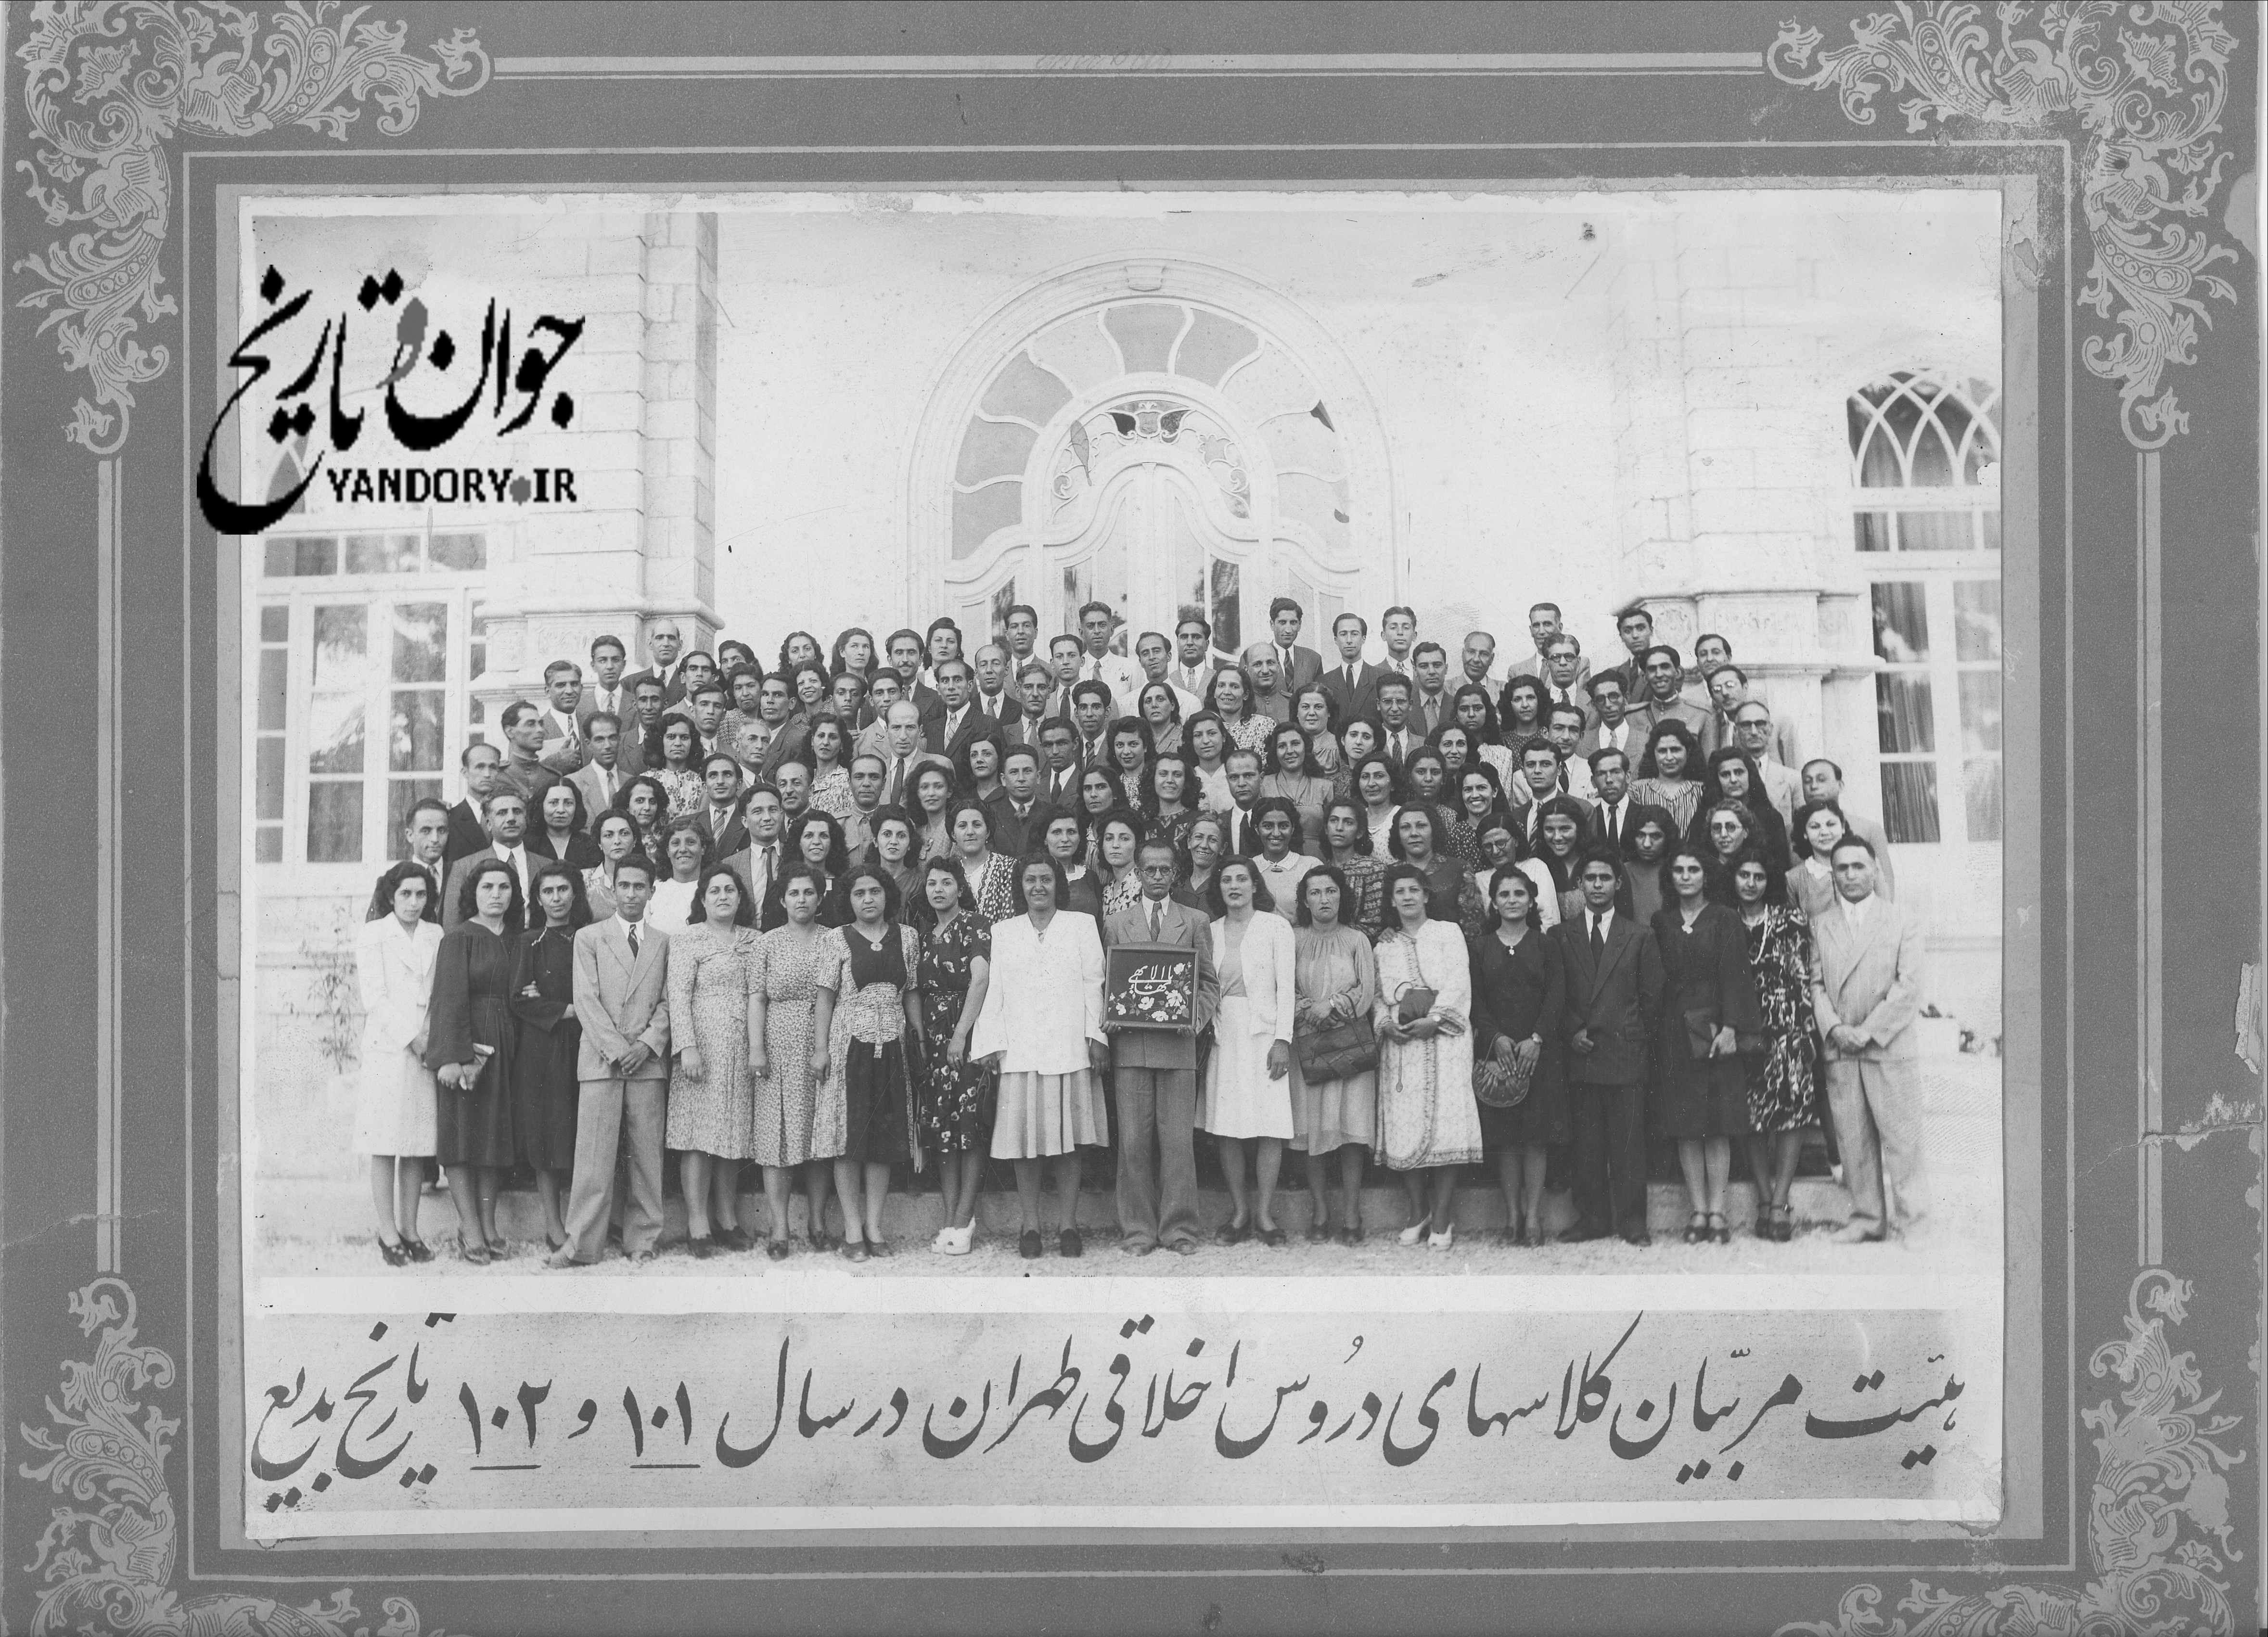 عکس/ کلاس اخلاق بهائیان تهران